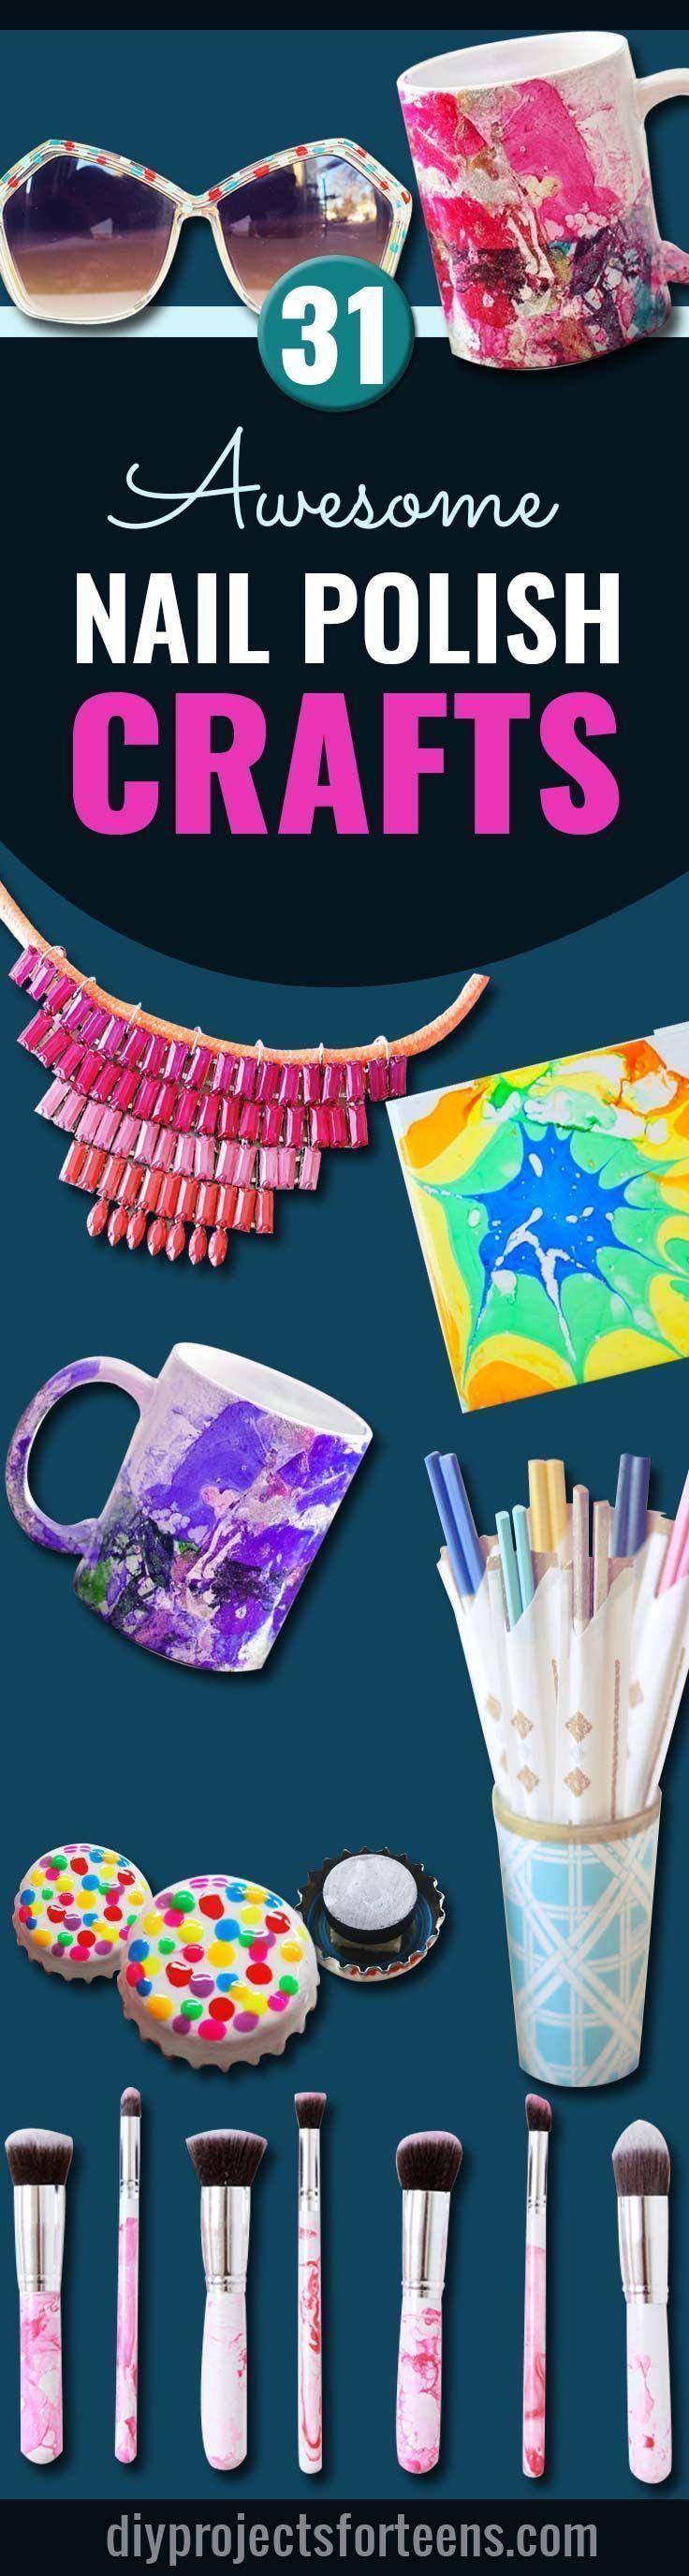 31 incredibly cool diy crafts using nail polish fun for Crafts using nail polish